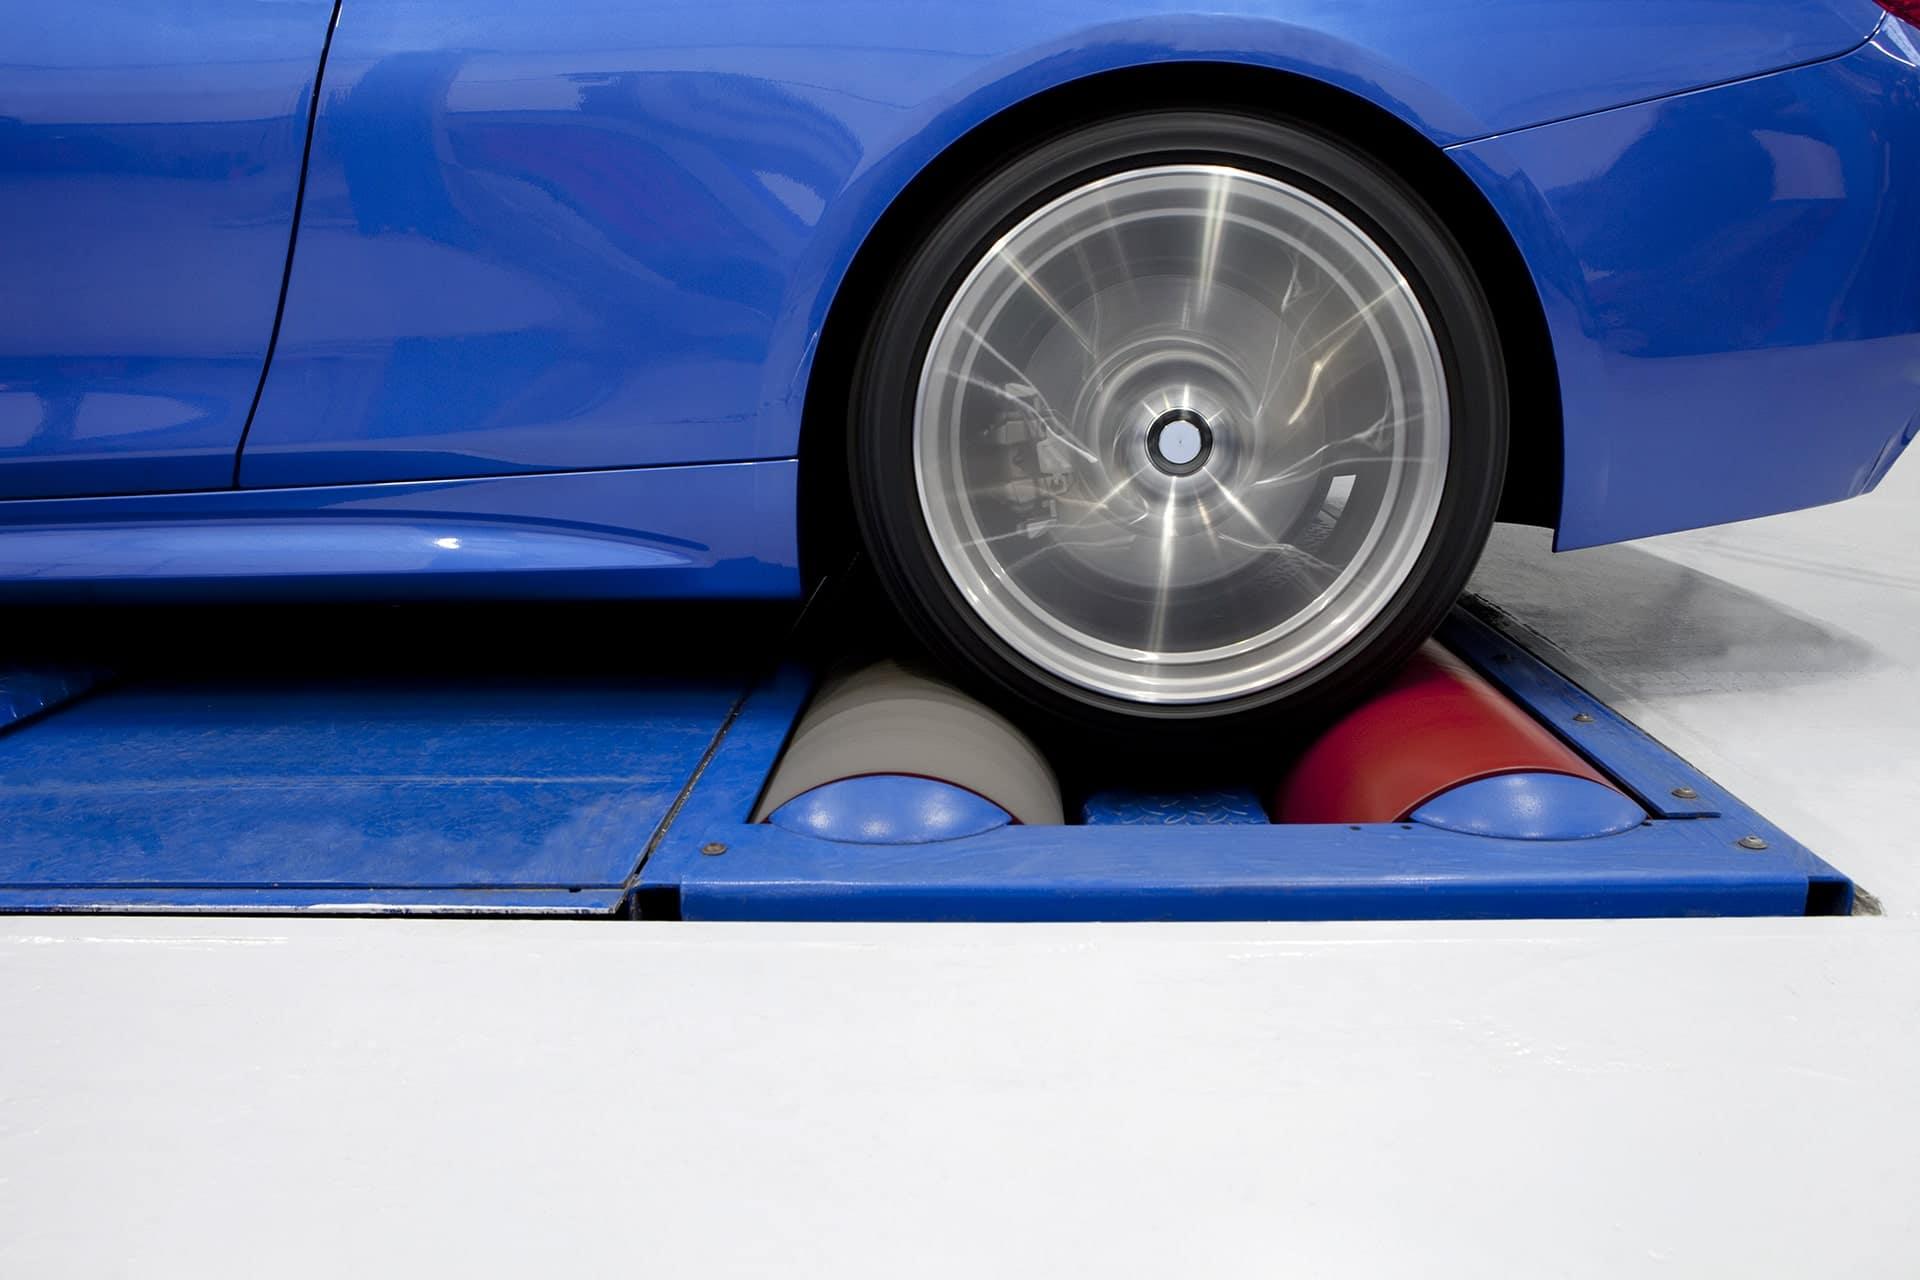 La reprogrammation moteur est-elle autorisée ? Que dit la loi et les constructeurs automobiles ?